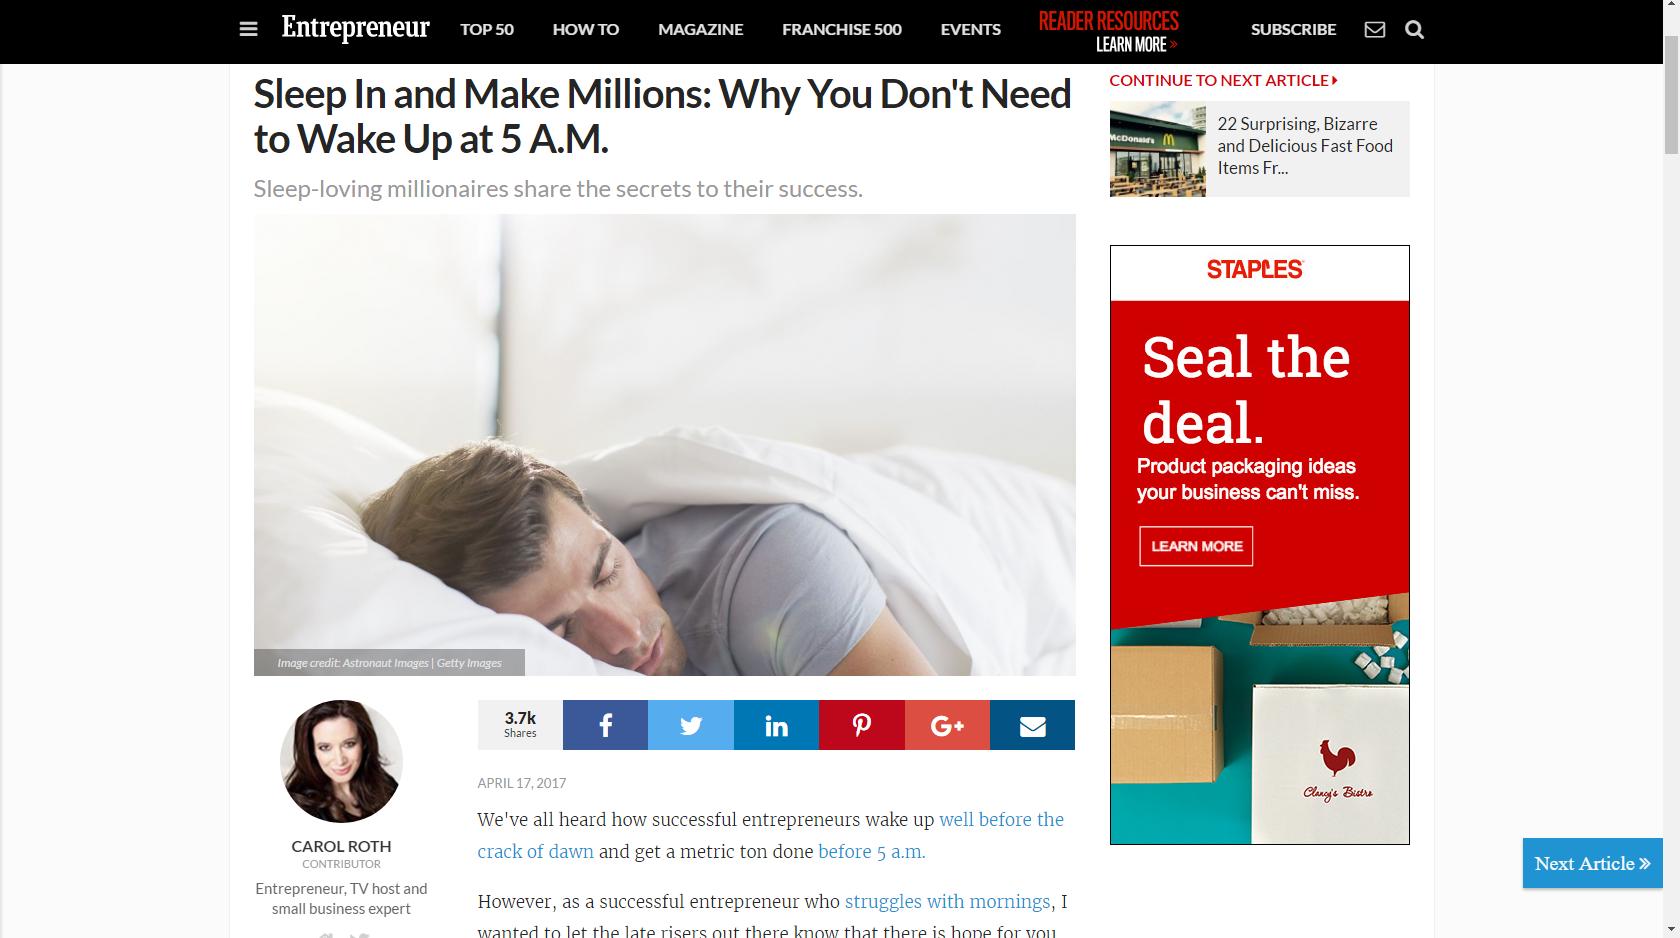 Entrepreneurs who sleep can still make millions!